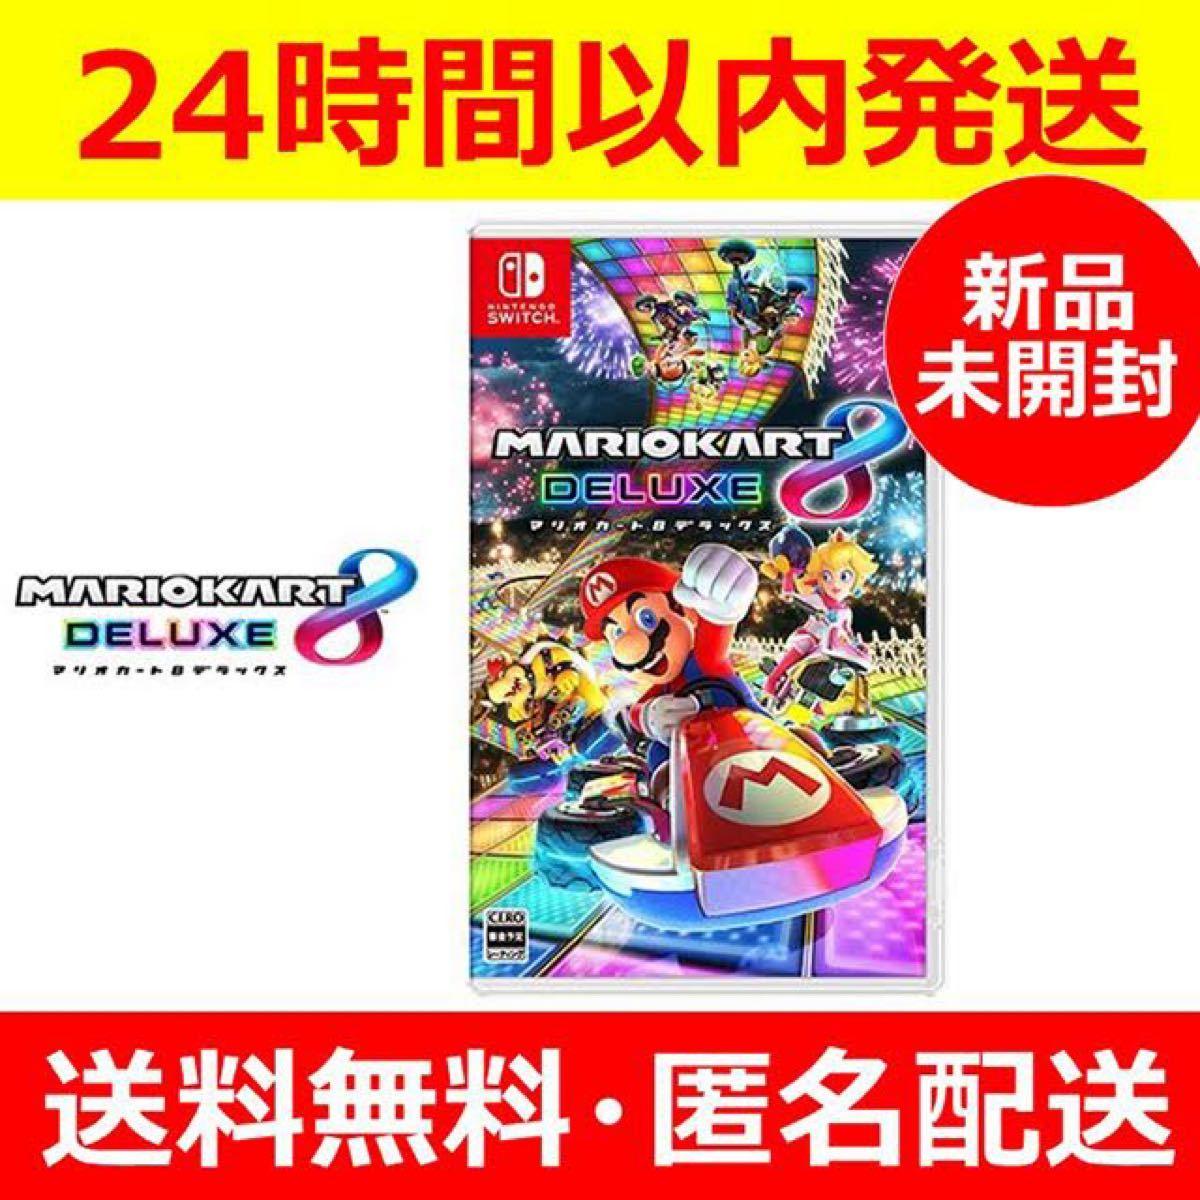 【新品】マリオカート8 デラックス Nintendo Switch 任天堂